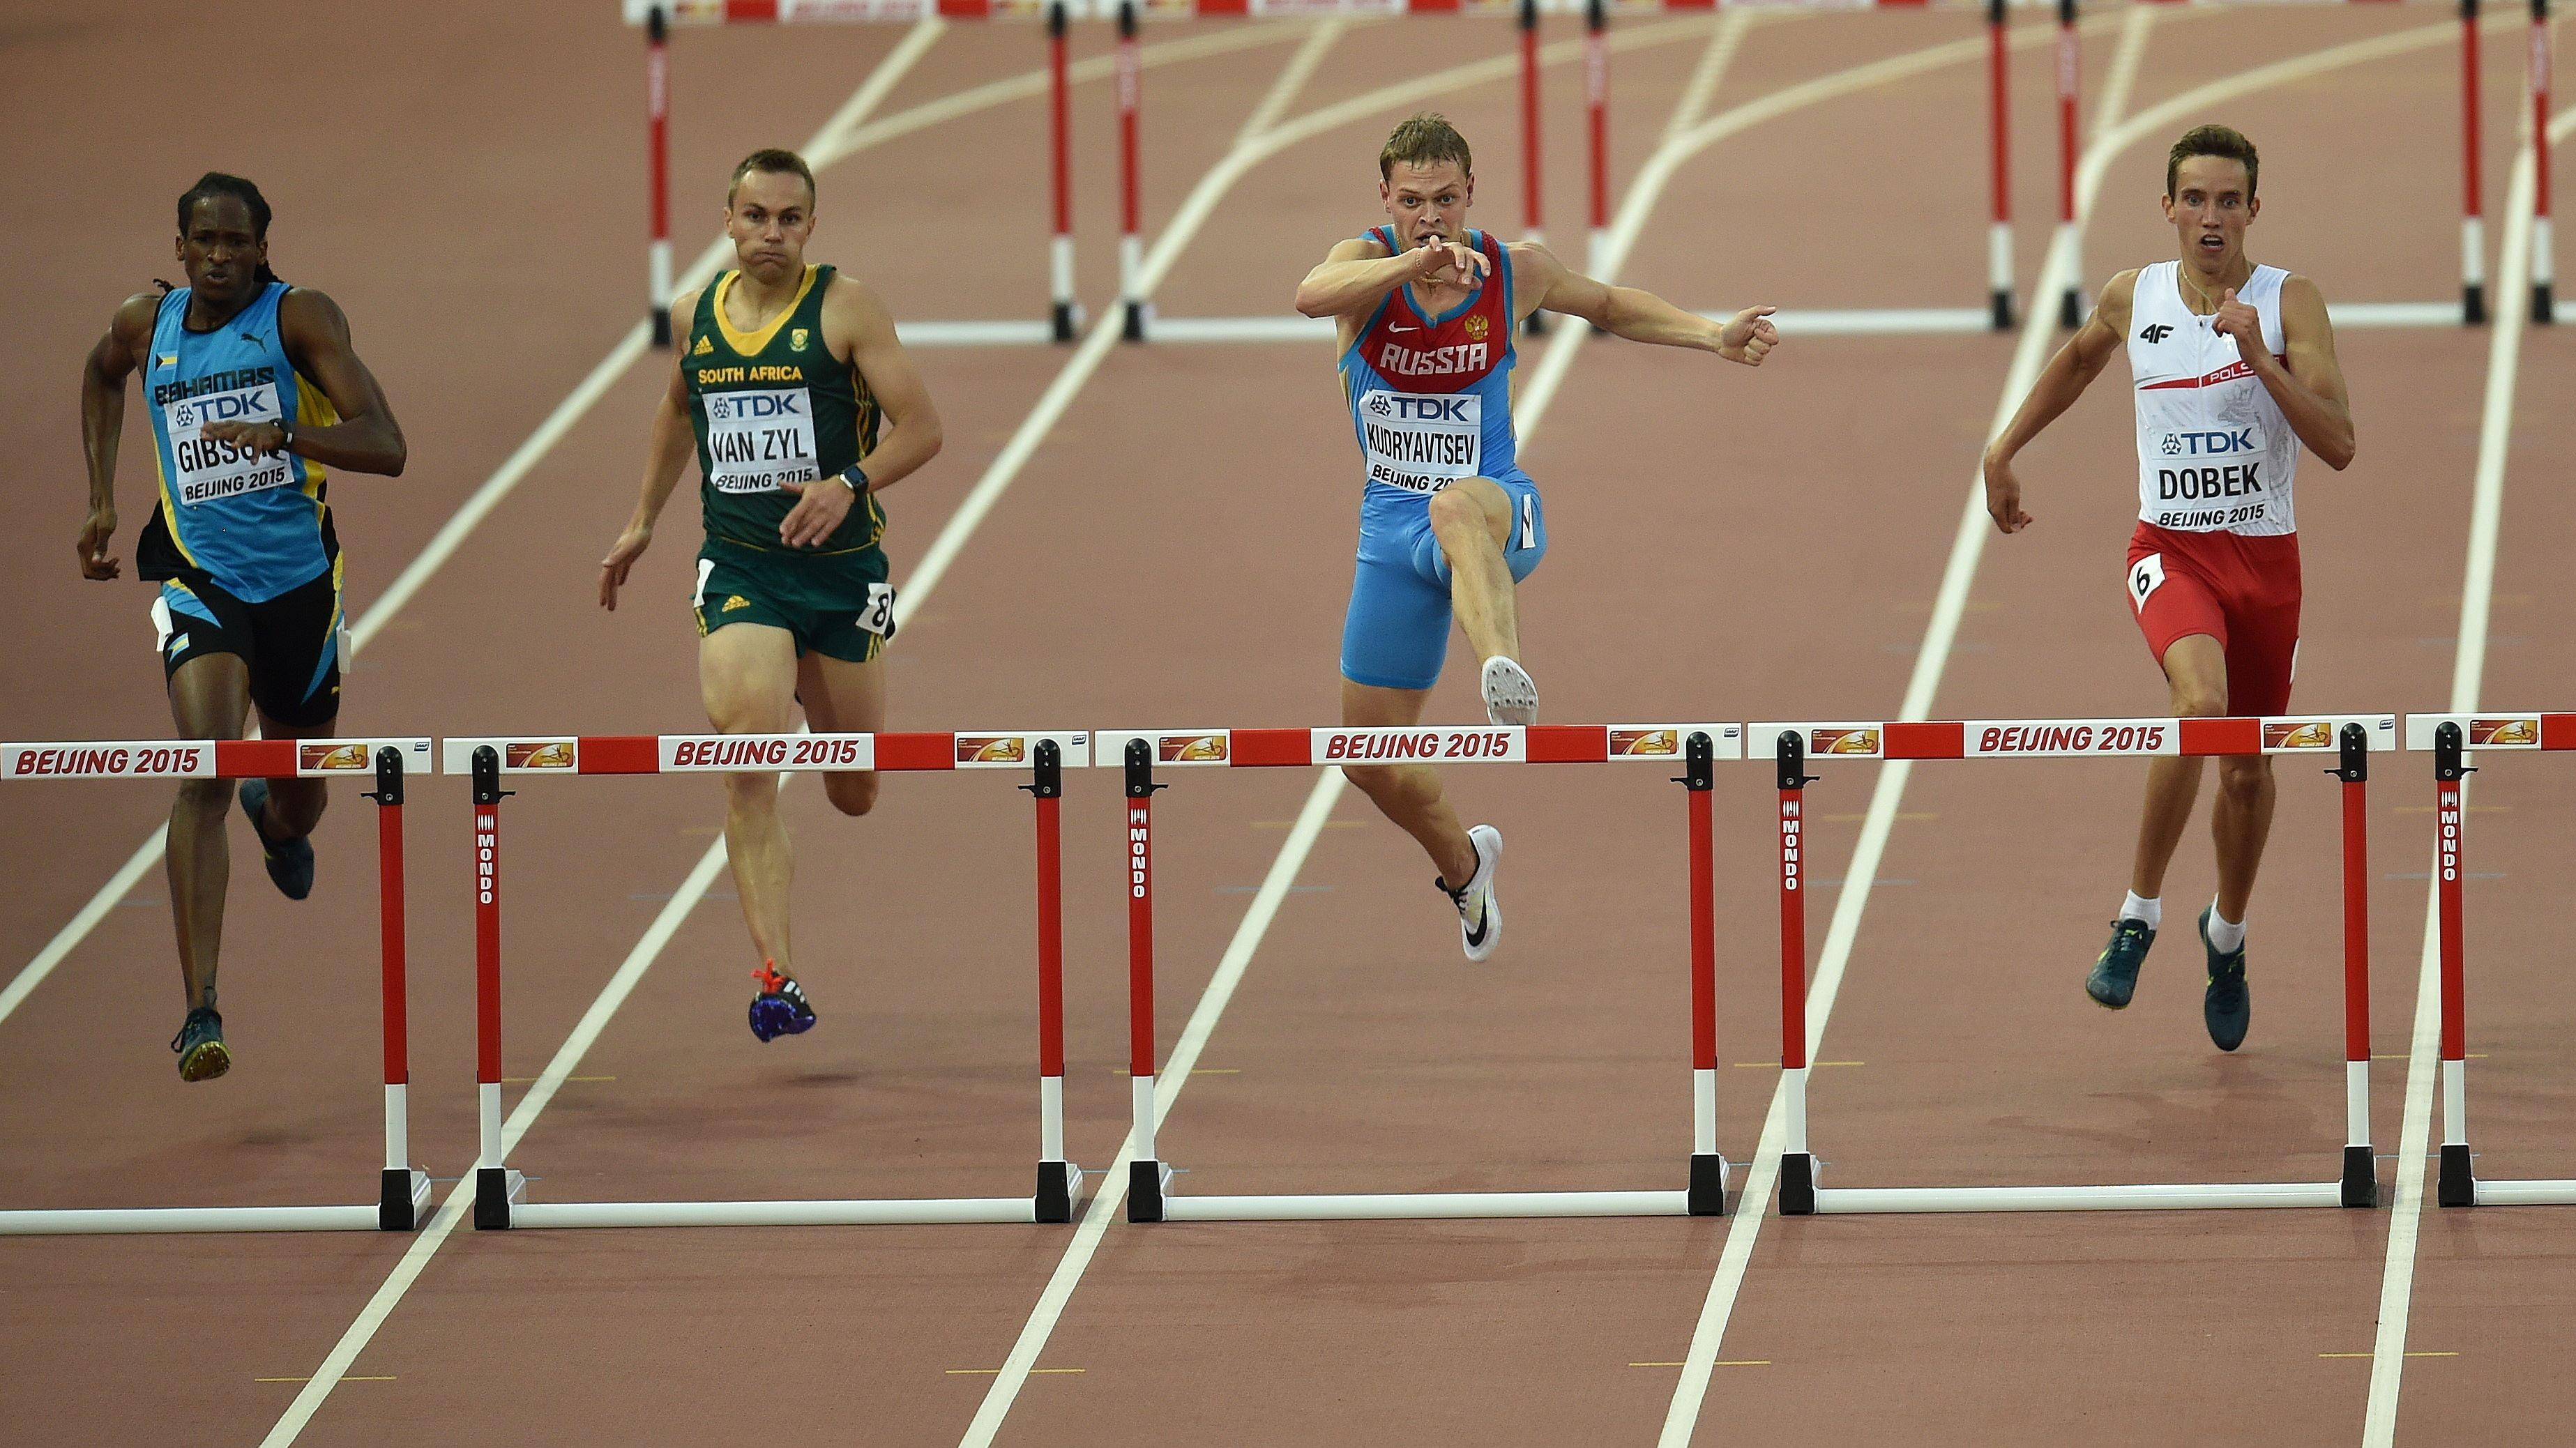 Lekkoatletyczne MŚ: Patryk Dobek w półfinale 400 m przez płotki - Sport